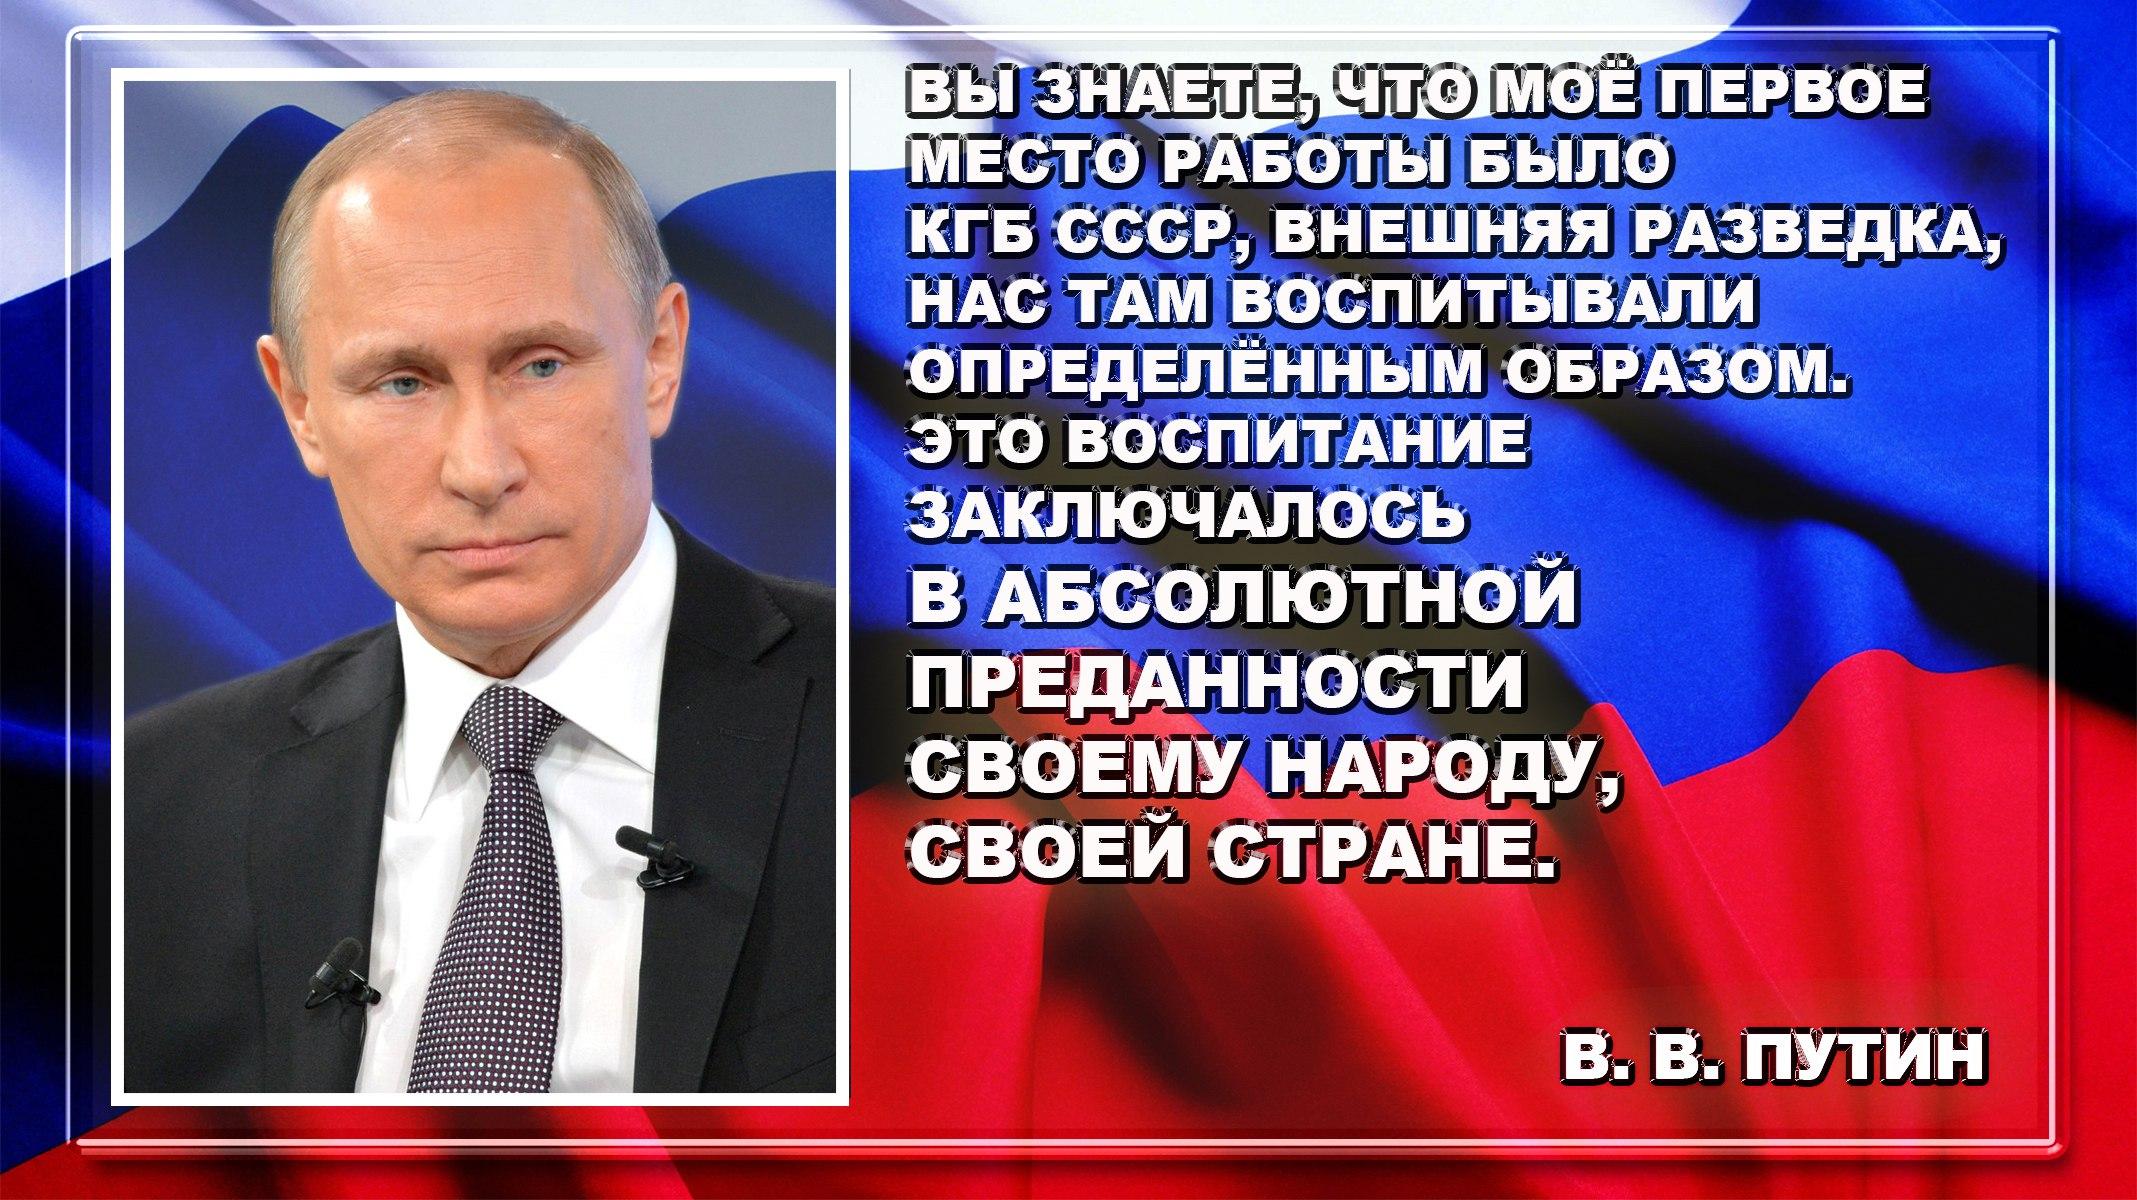 Сертификат на фотосессию пушкин представитель кремля